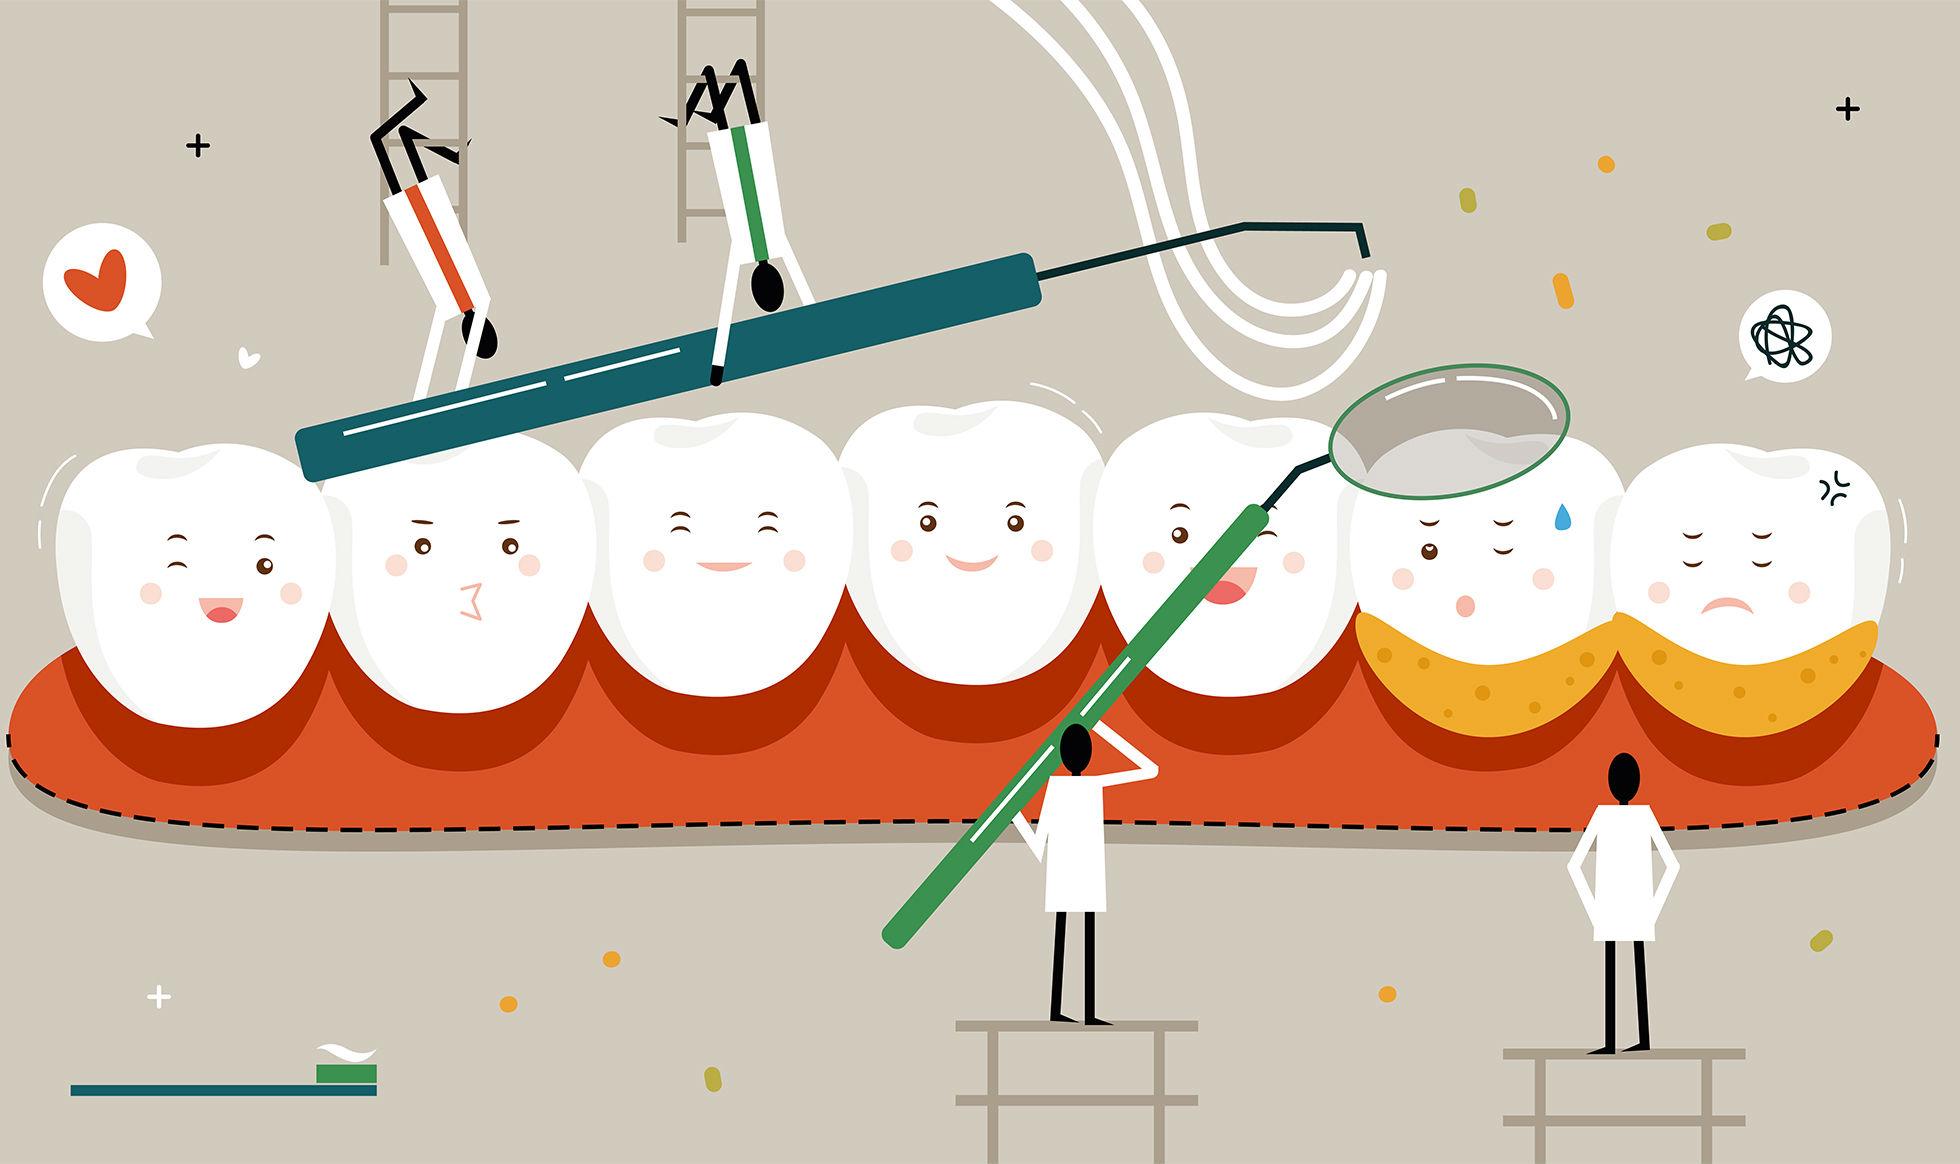 电动牙刷和冲牙器我都要:口腔清洁马虎不得